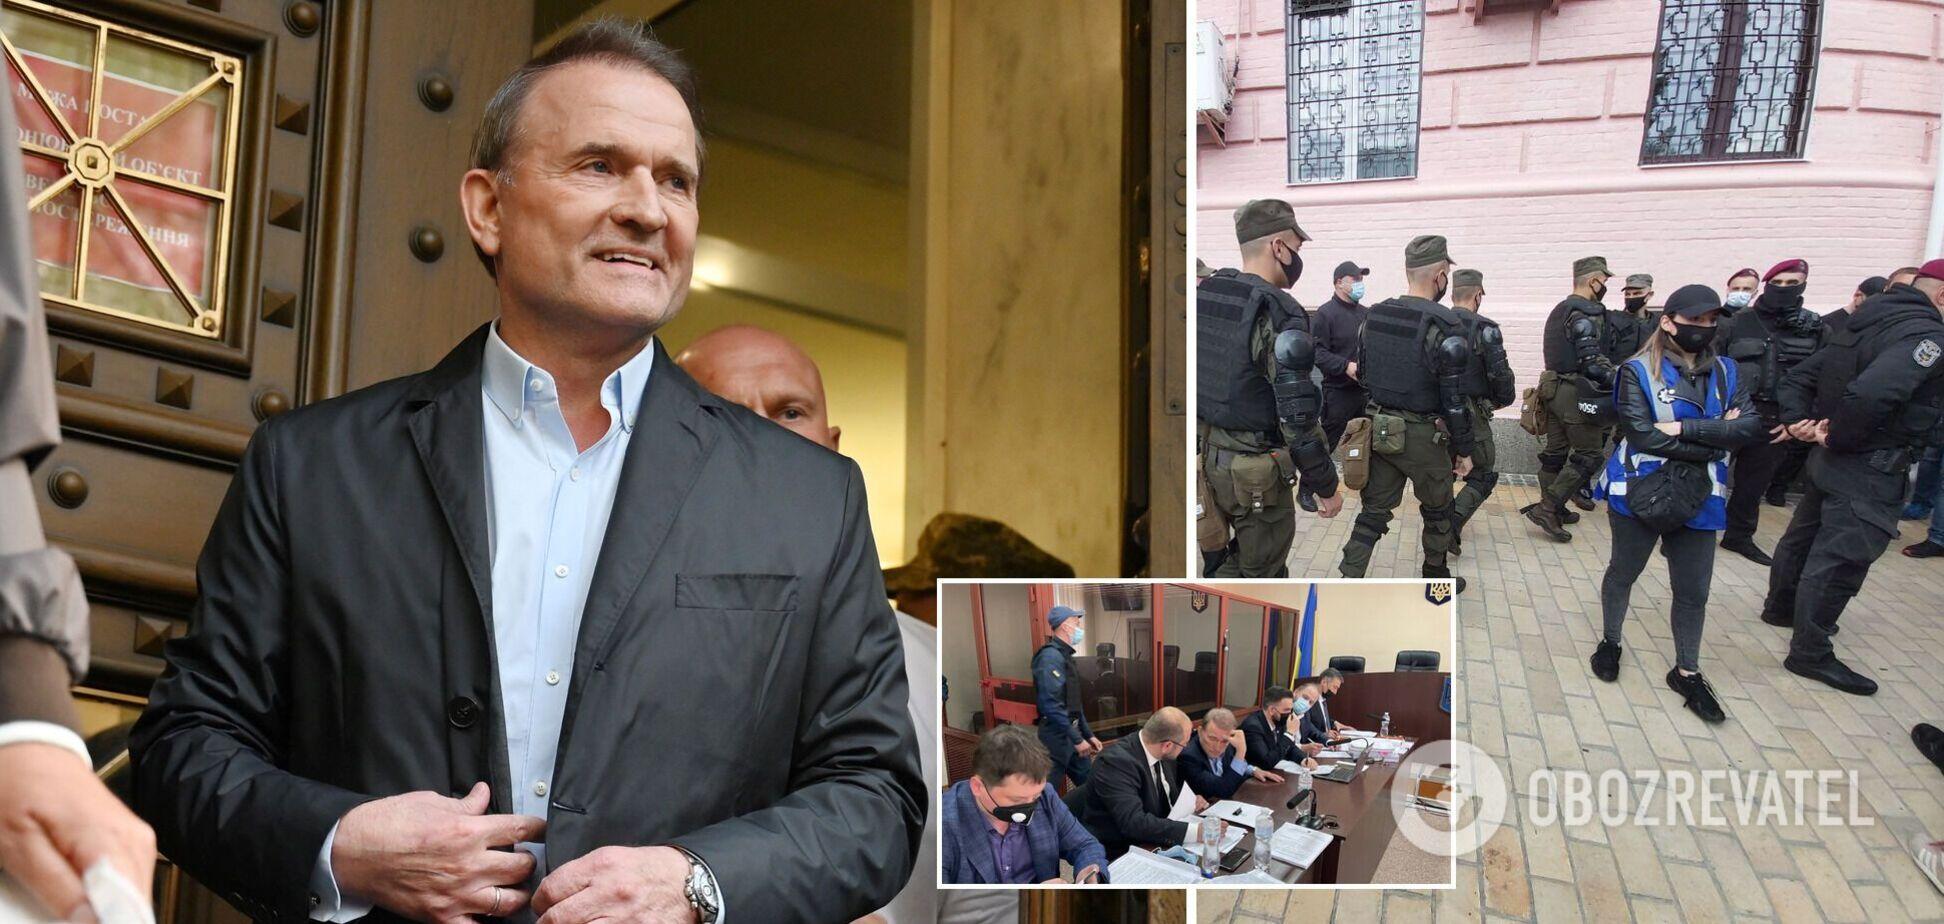 Медведчуку избирают меру пресечения: судья ушел в совещательную комнату. Все детали, фото и видео